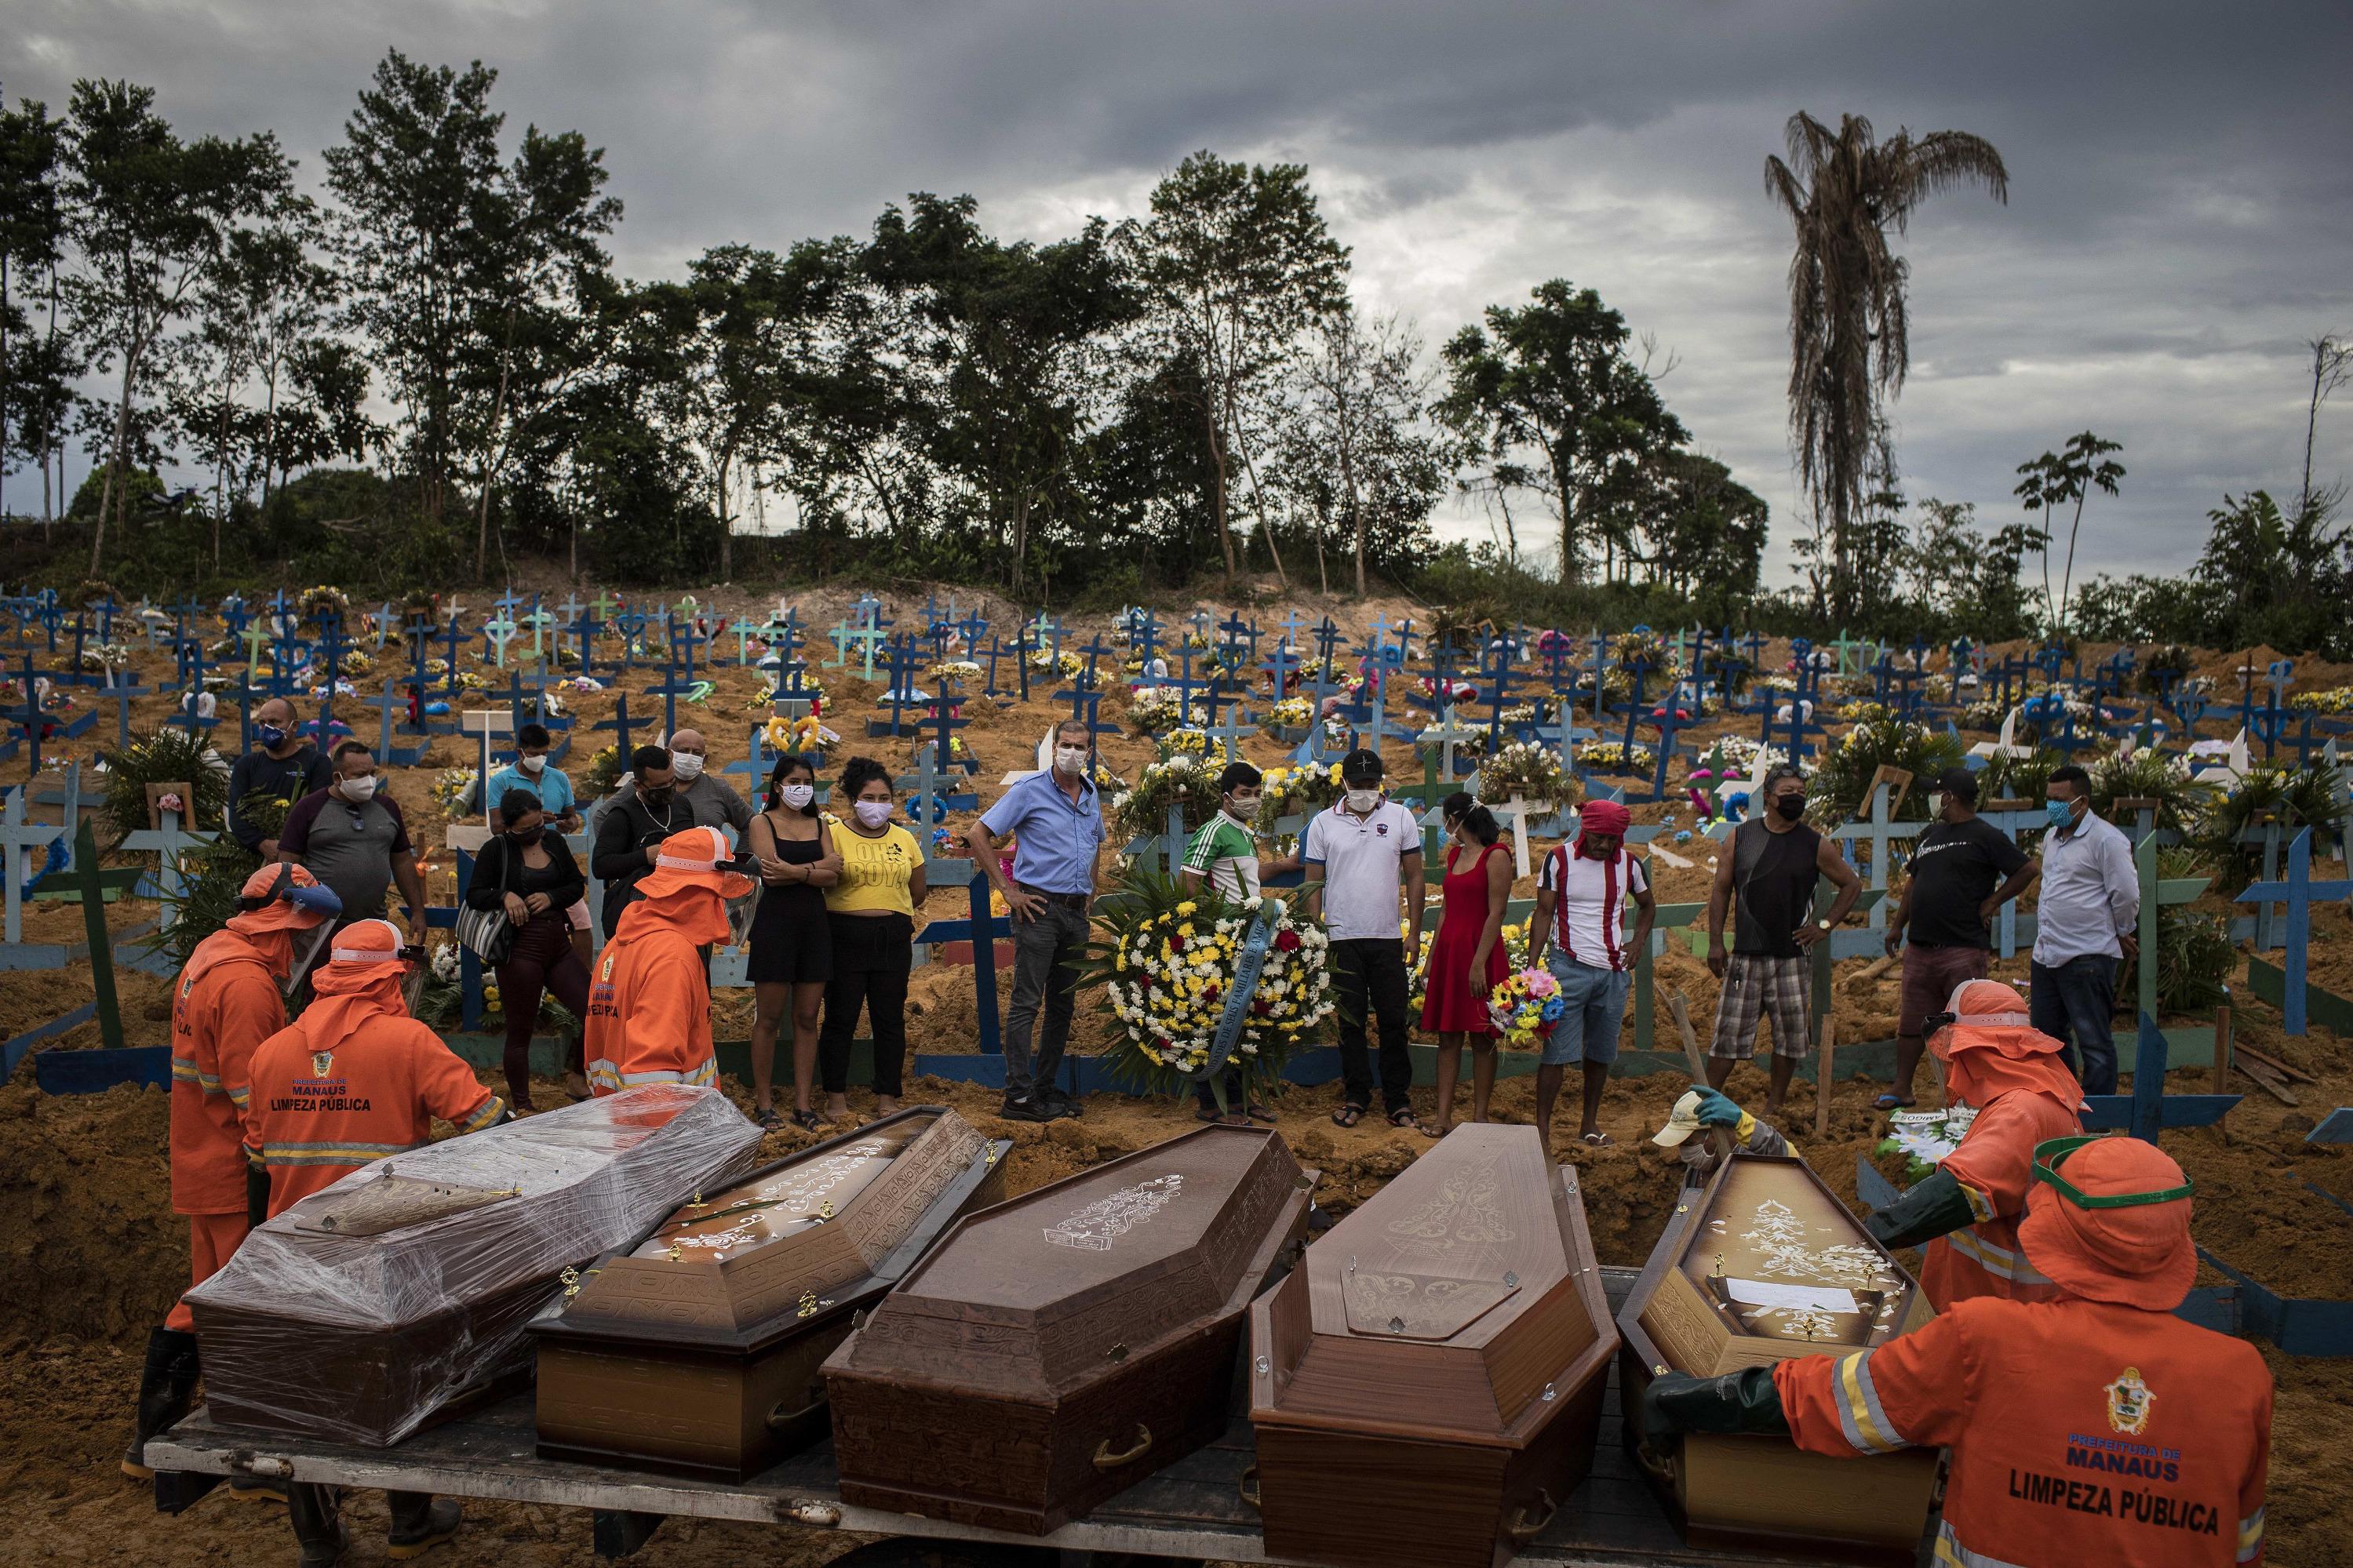 Похороны жертв коронавируса на кладбище Nossa Senhora Aparecida в бразильском Манаусе